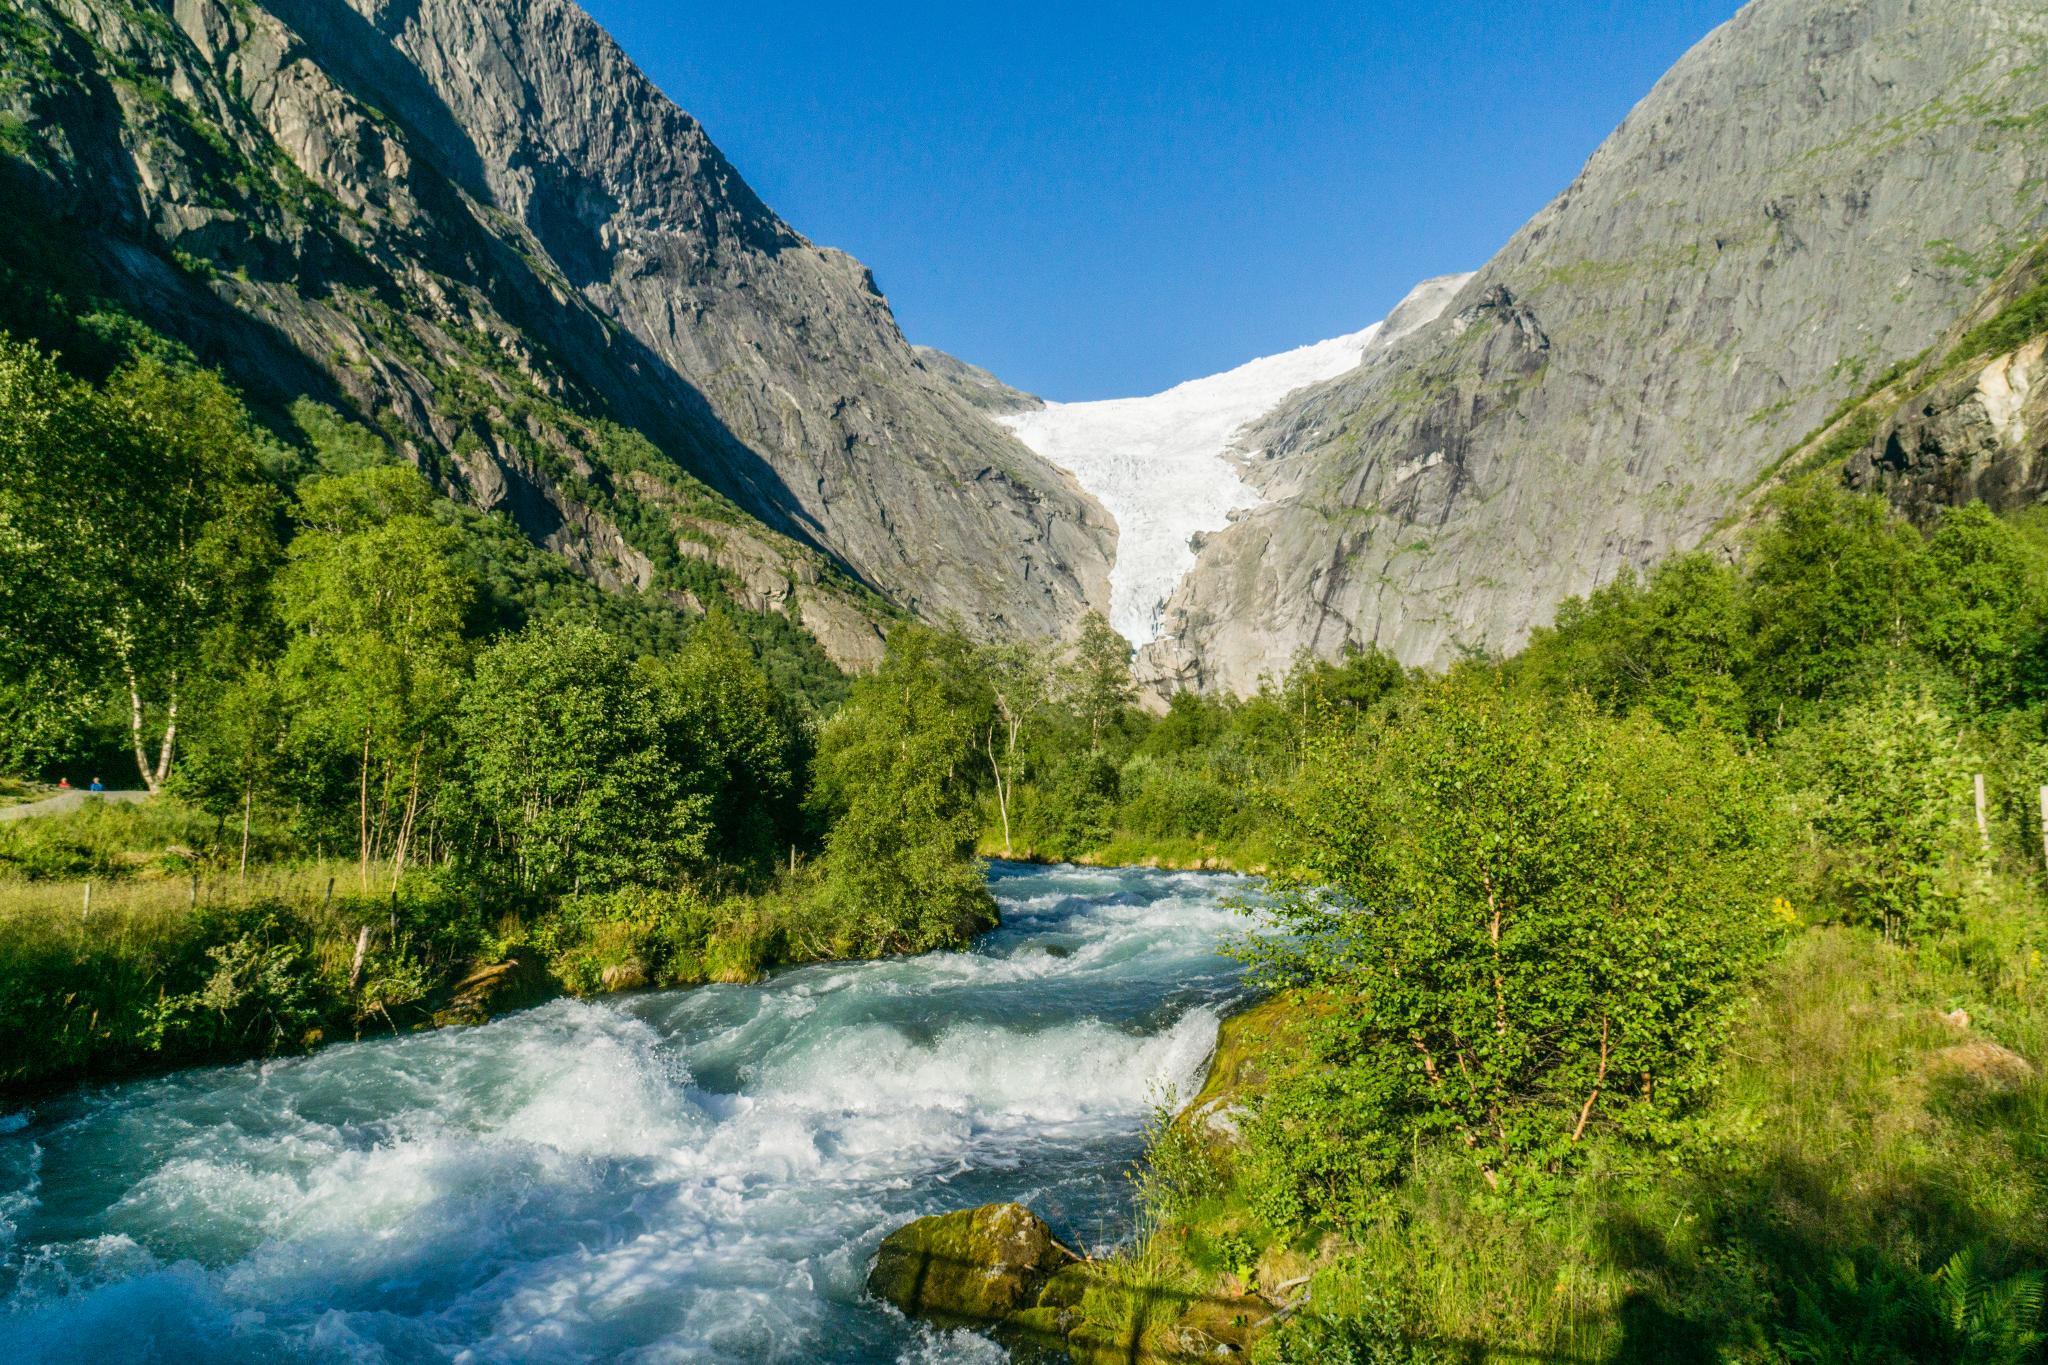 【北歐景點】挪威散步看冰川 - Briksdal Glacier 逐漸消融的冰河哀愁 4